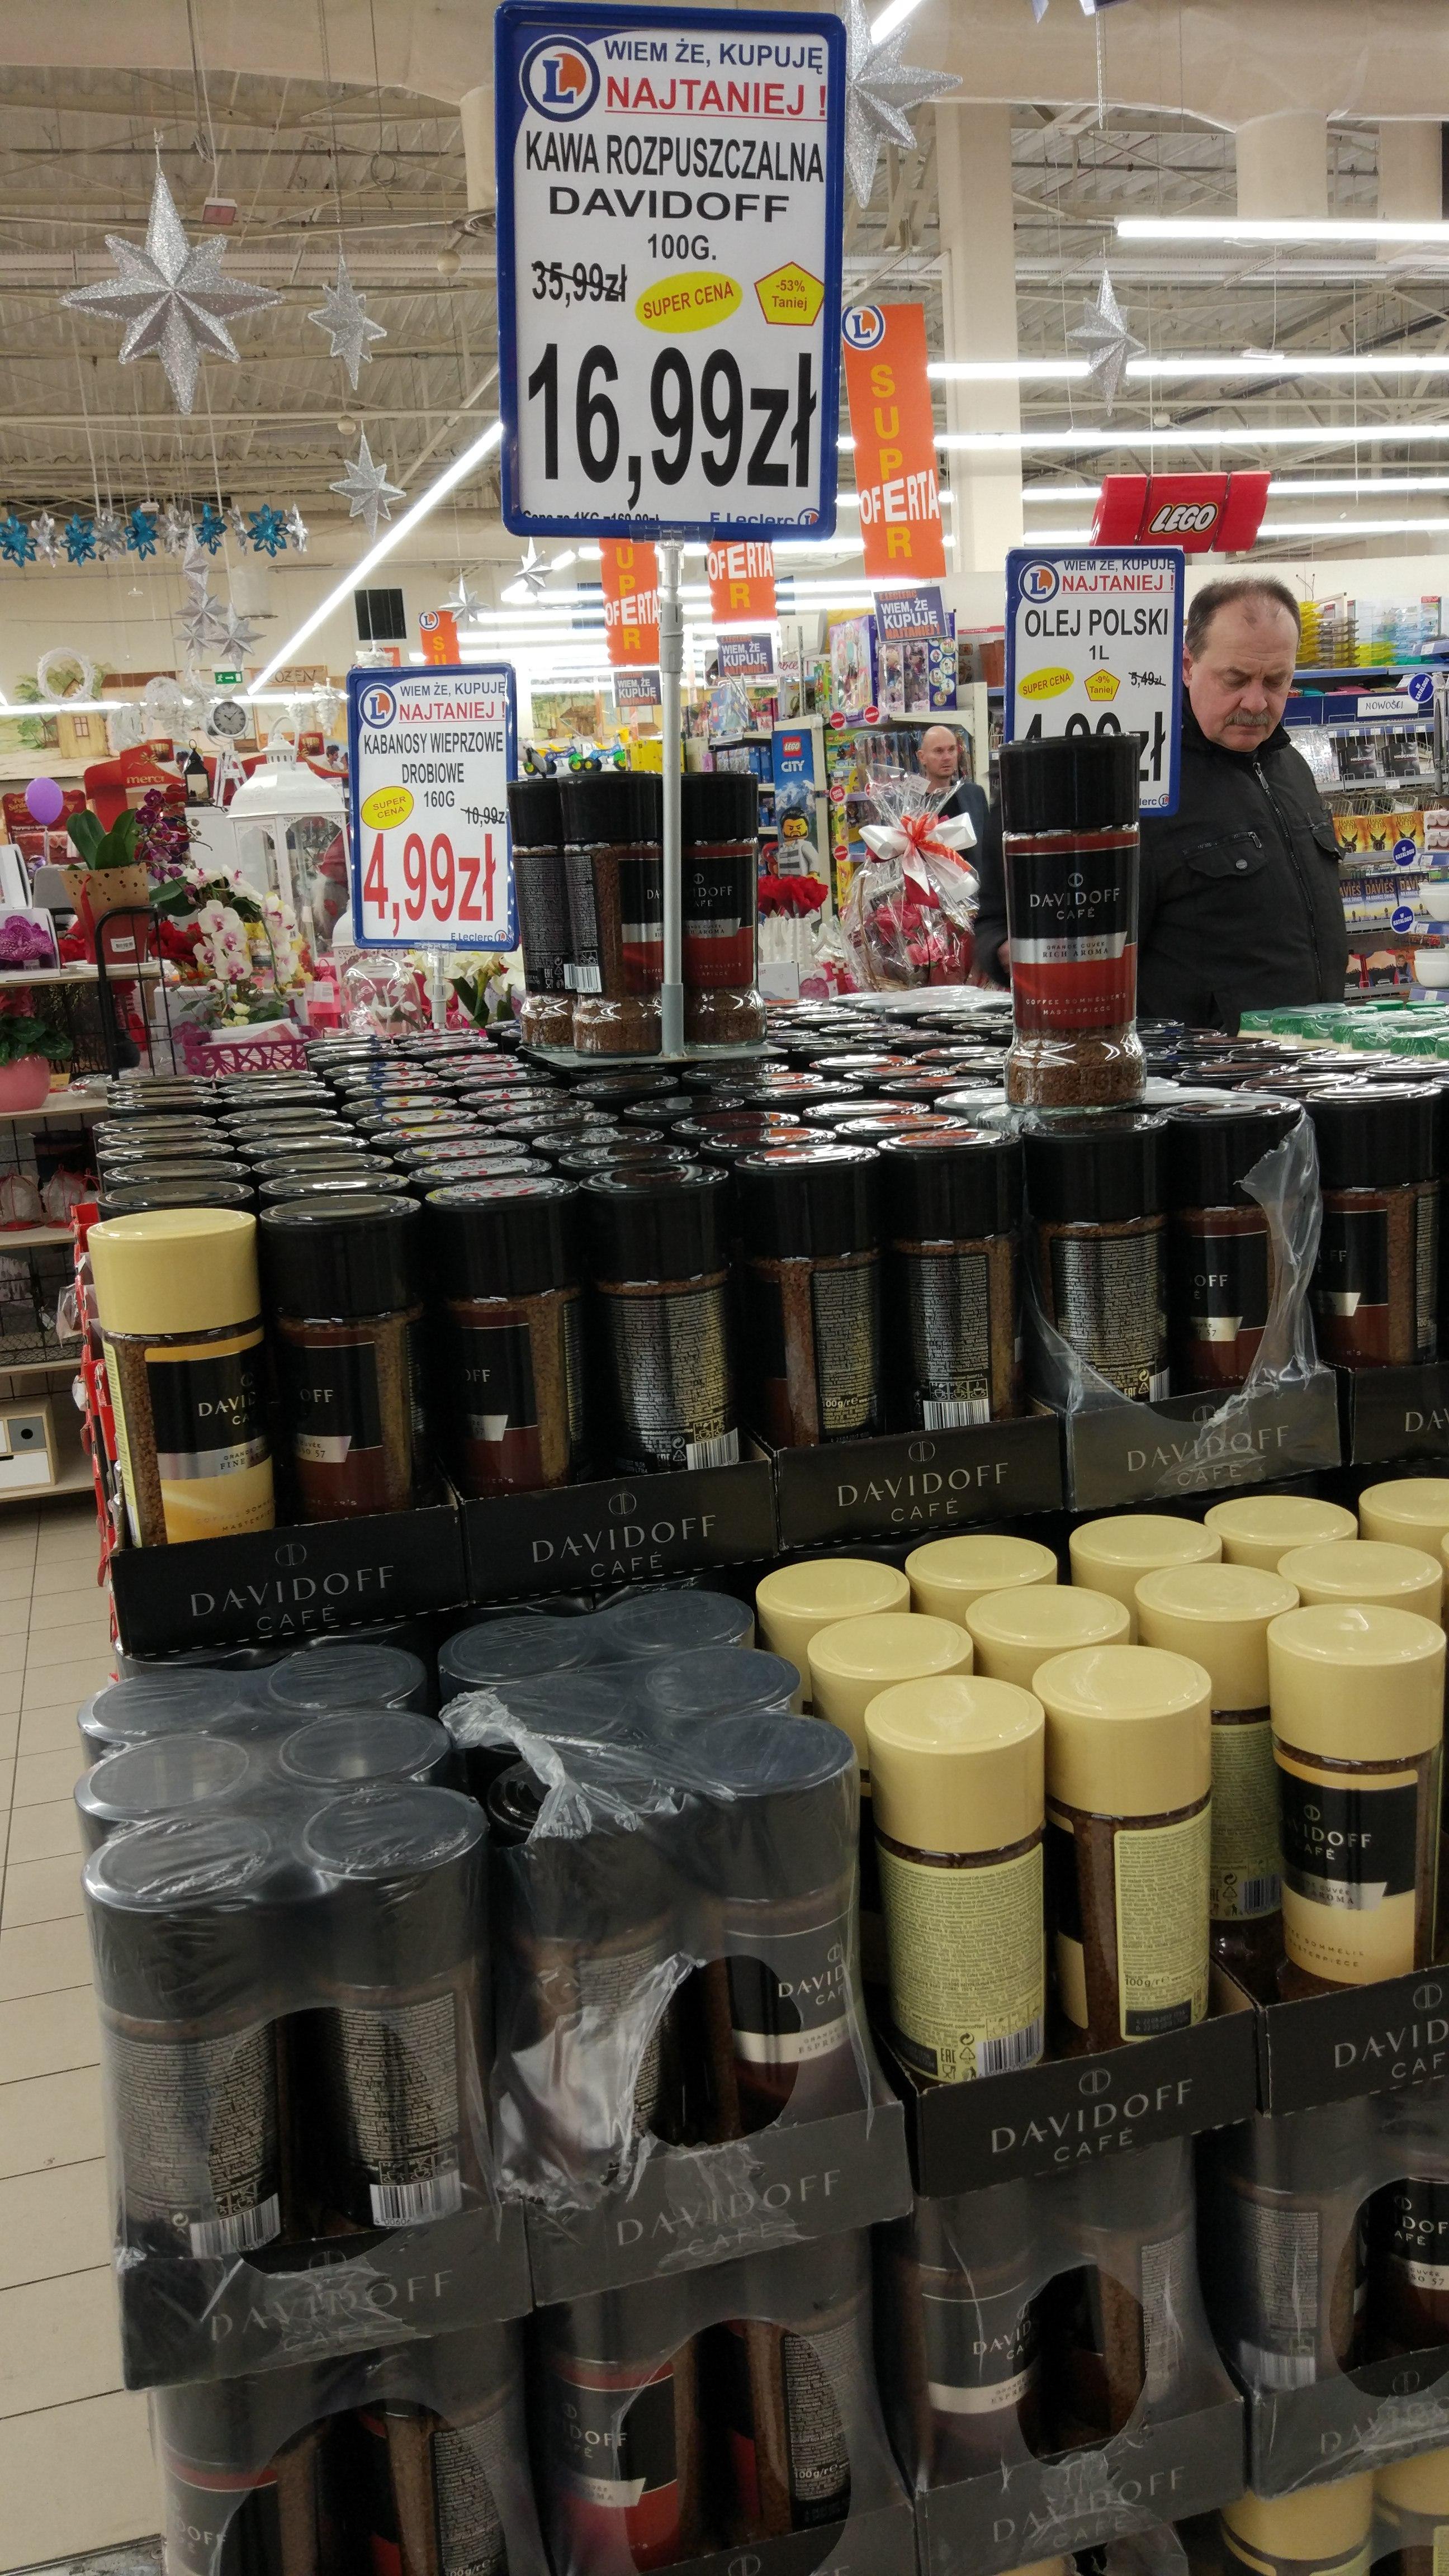 Kawa rozpuszczalna Davidoff 100g trzy rodzaje @L.eclerc Kielce